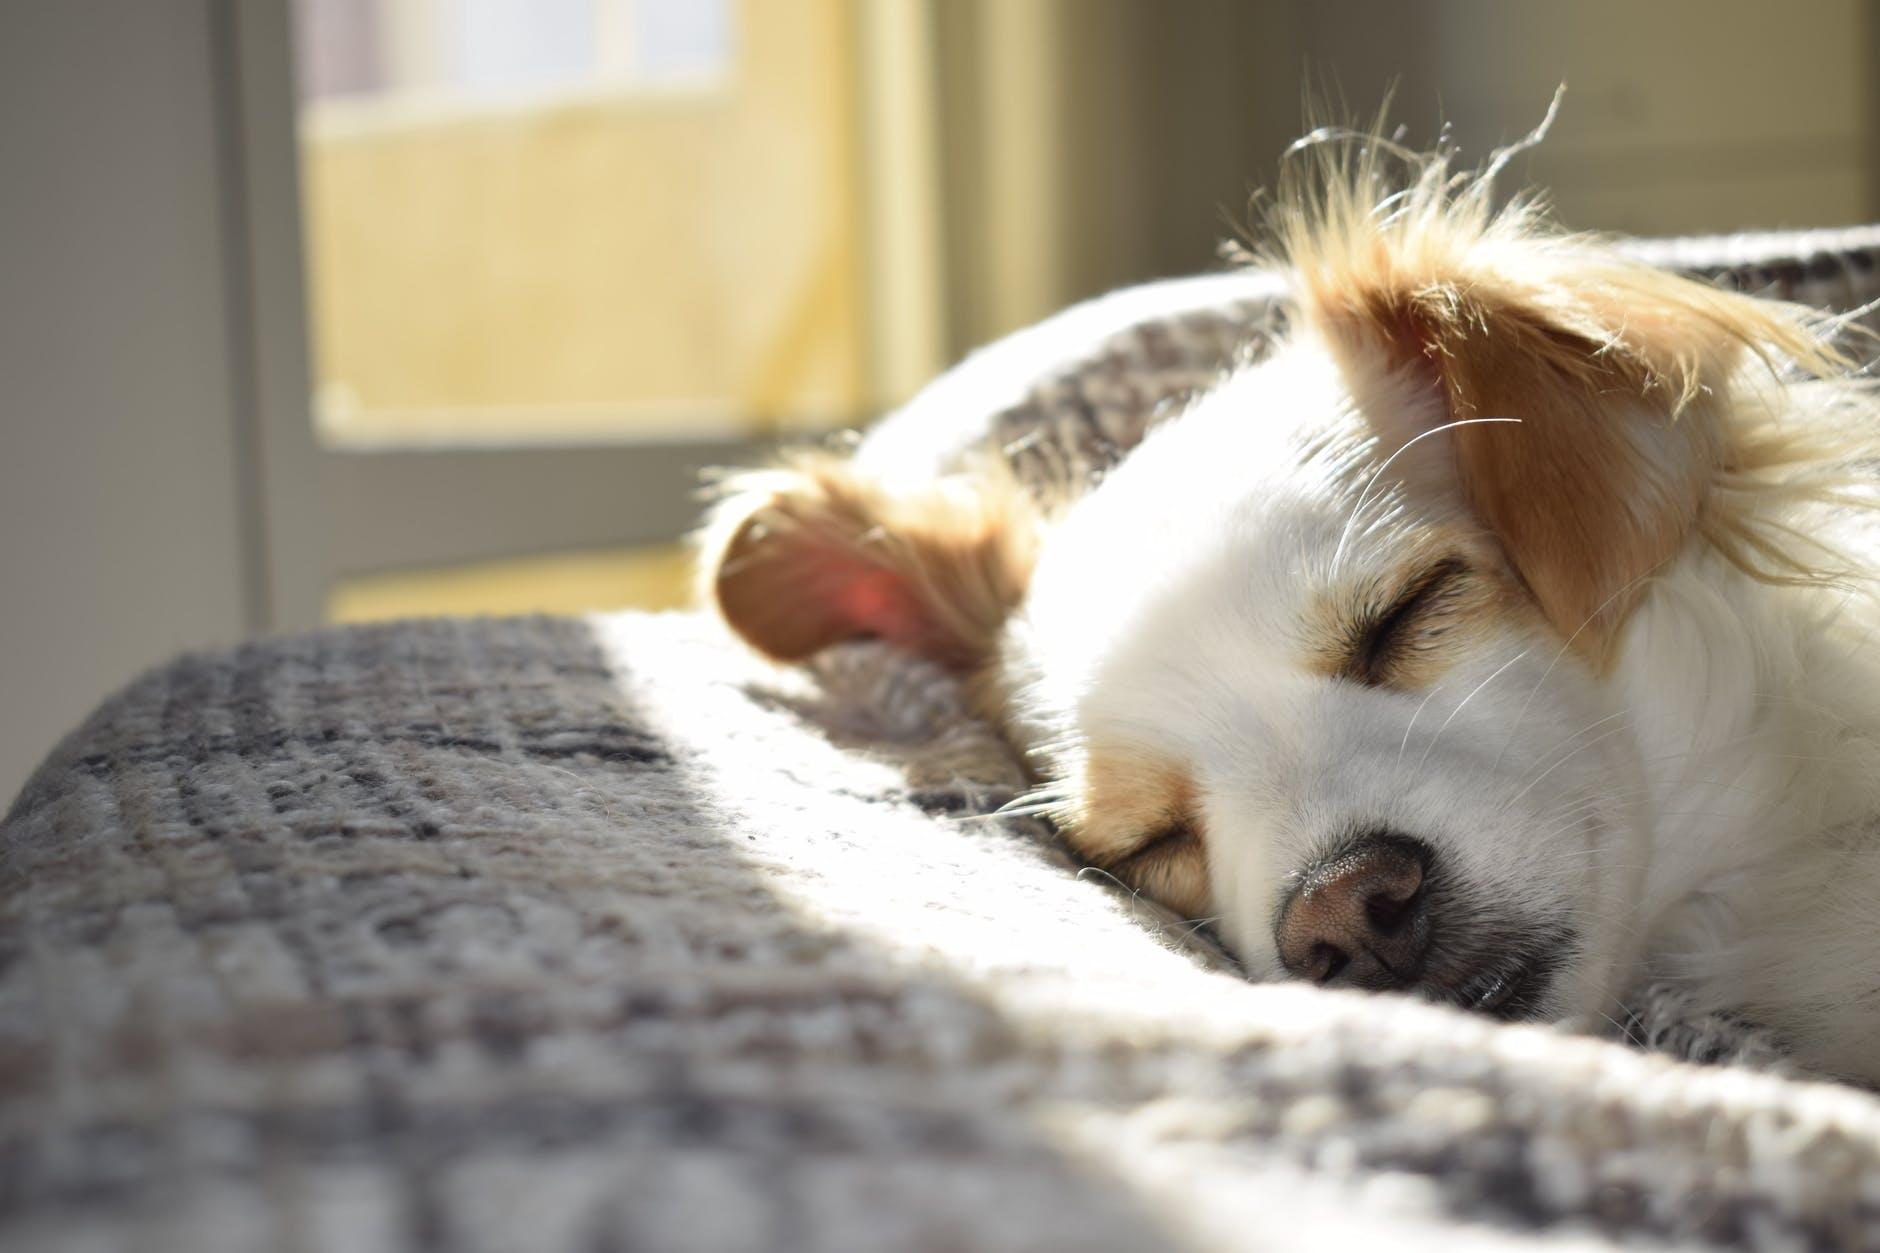 11 vinkkiä, kuinka nukahtaminen onnistuu nopeasti